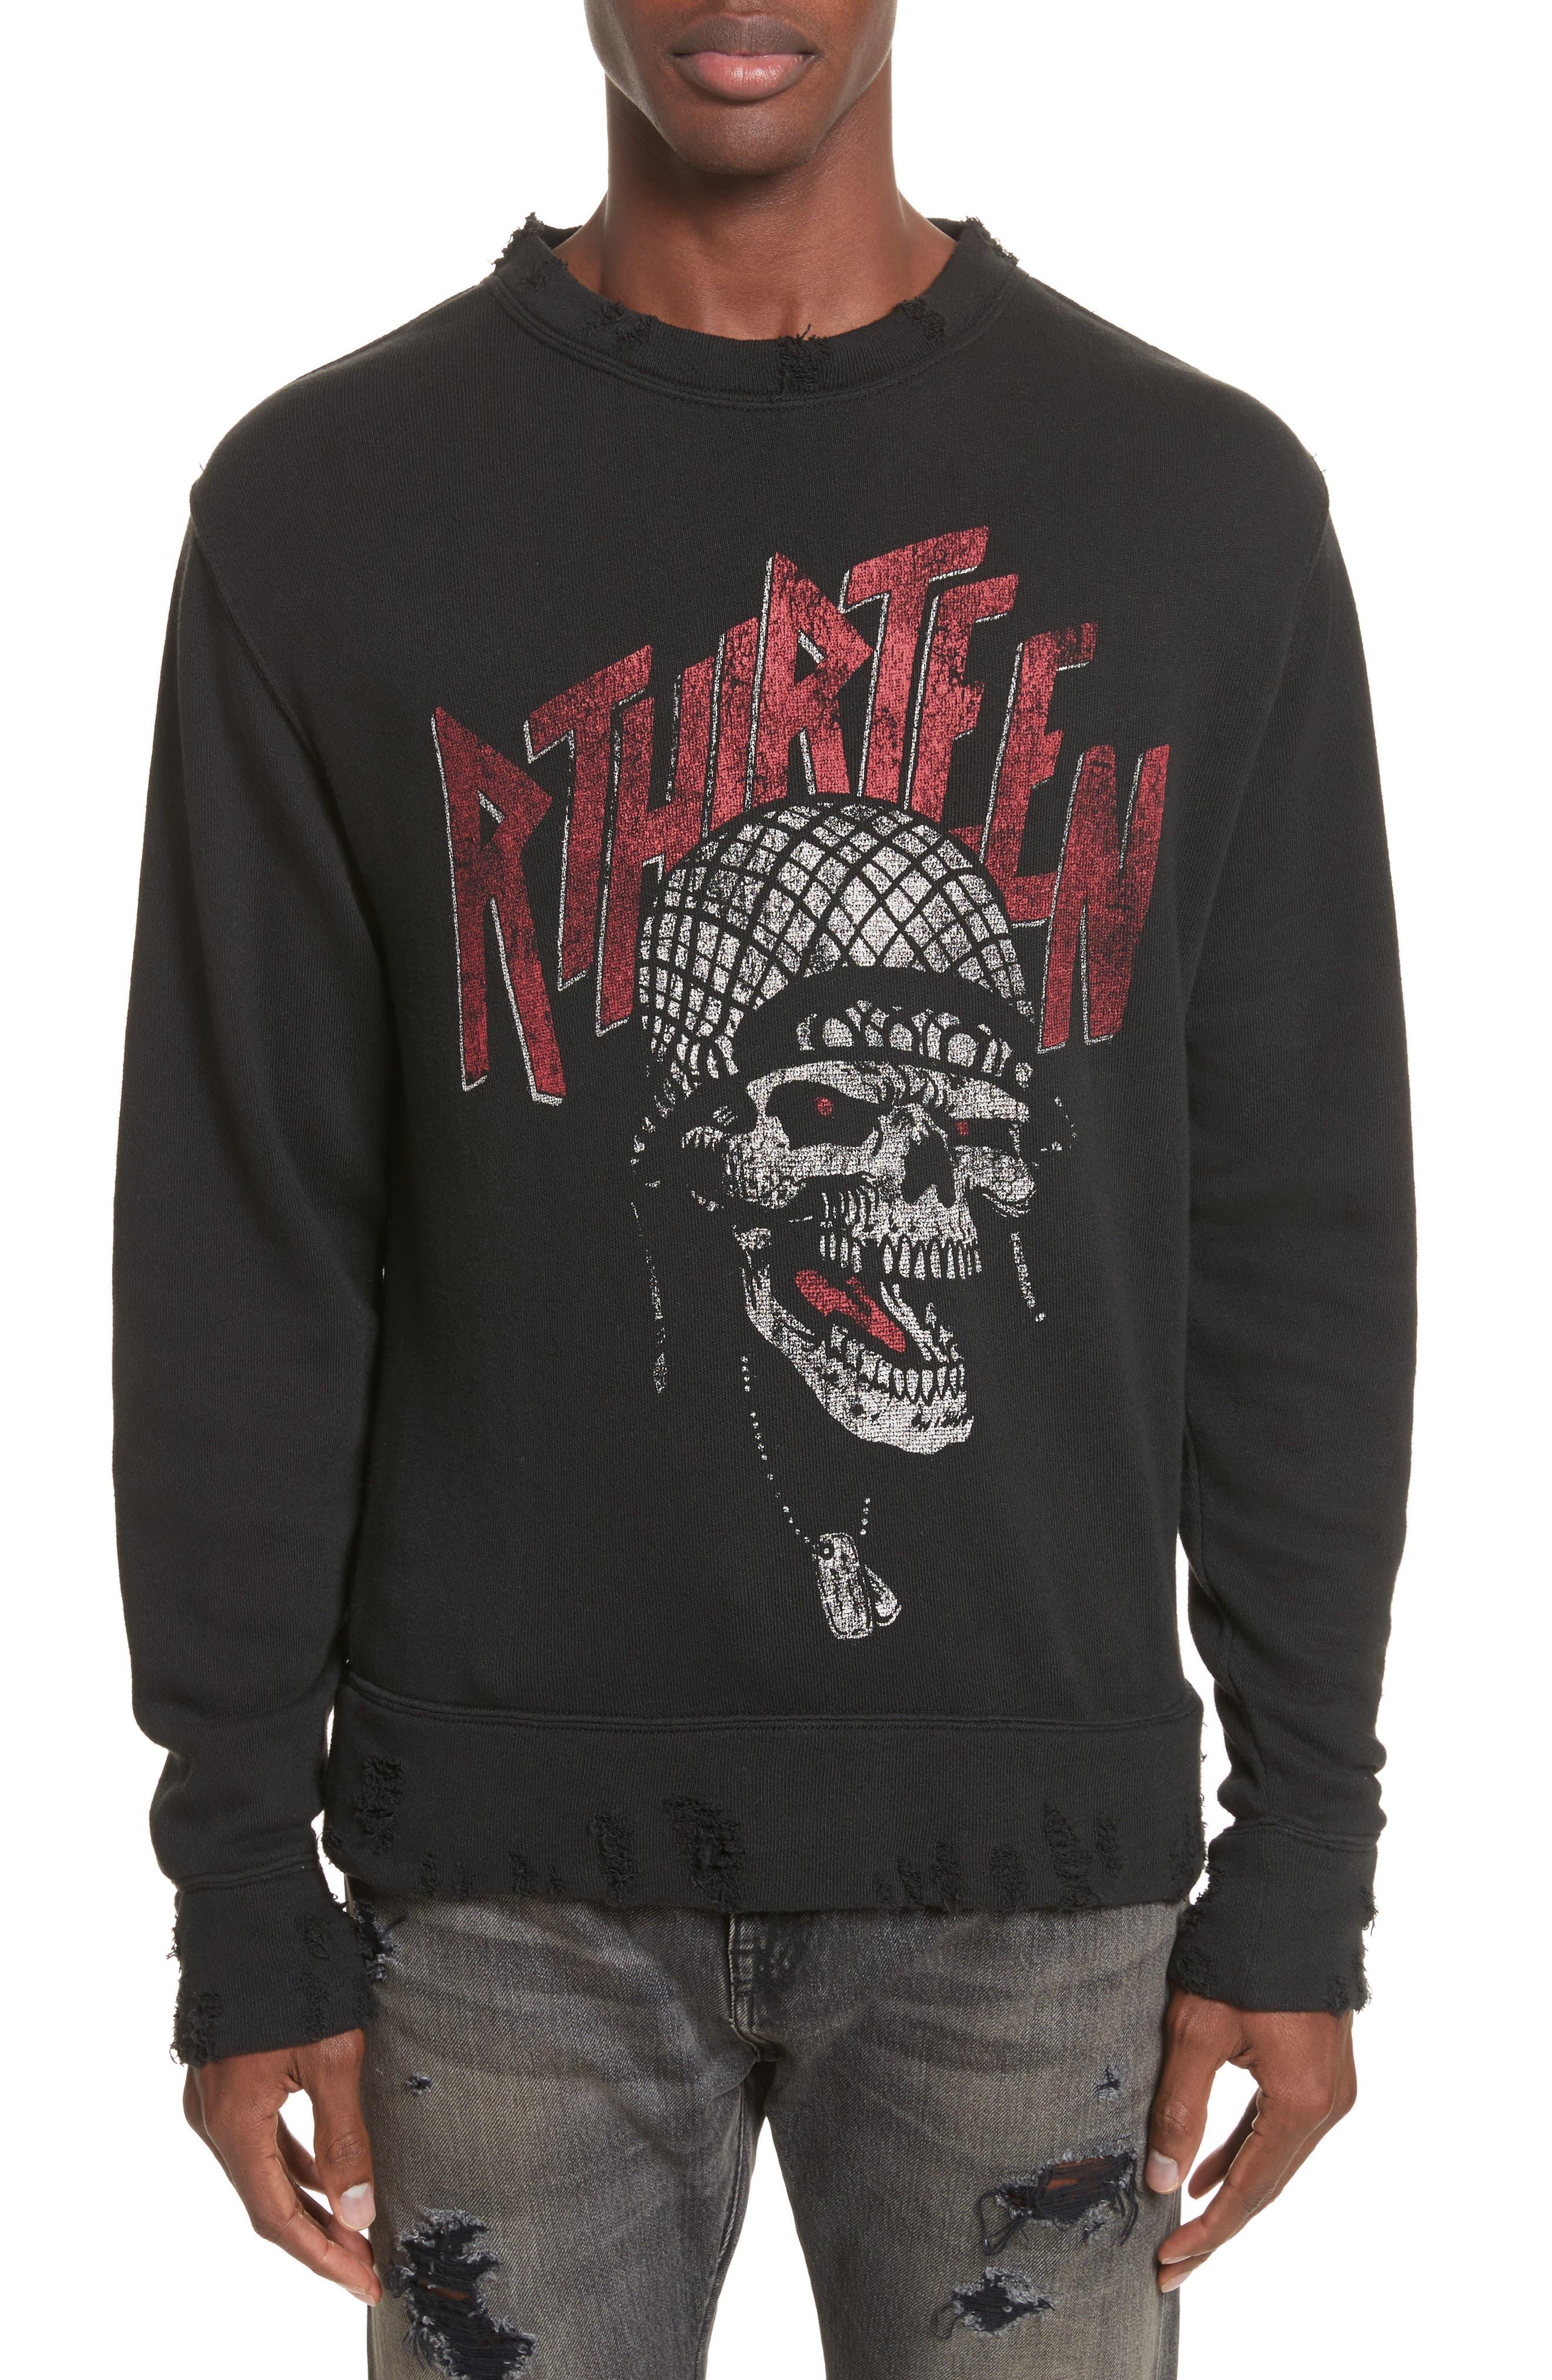 Battle Punk Graphic Sweatshirt,                         Main,                         color, Black